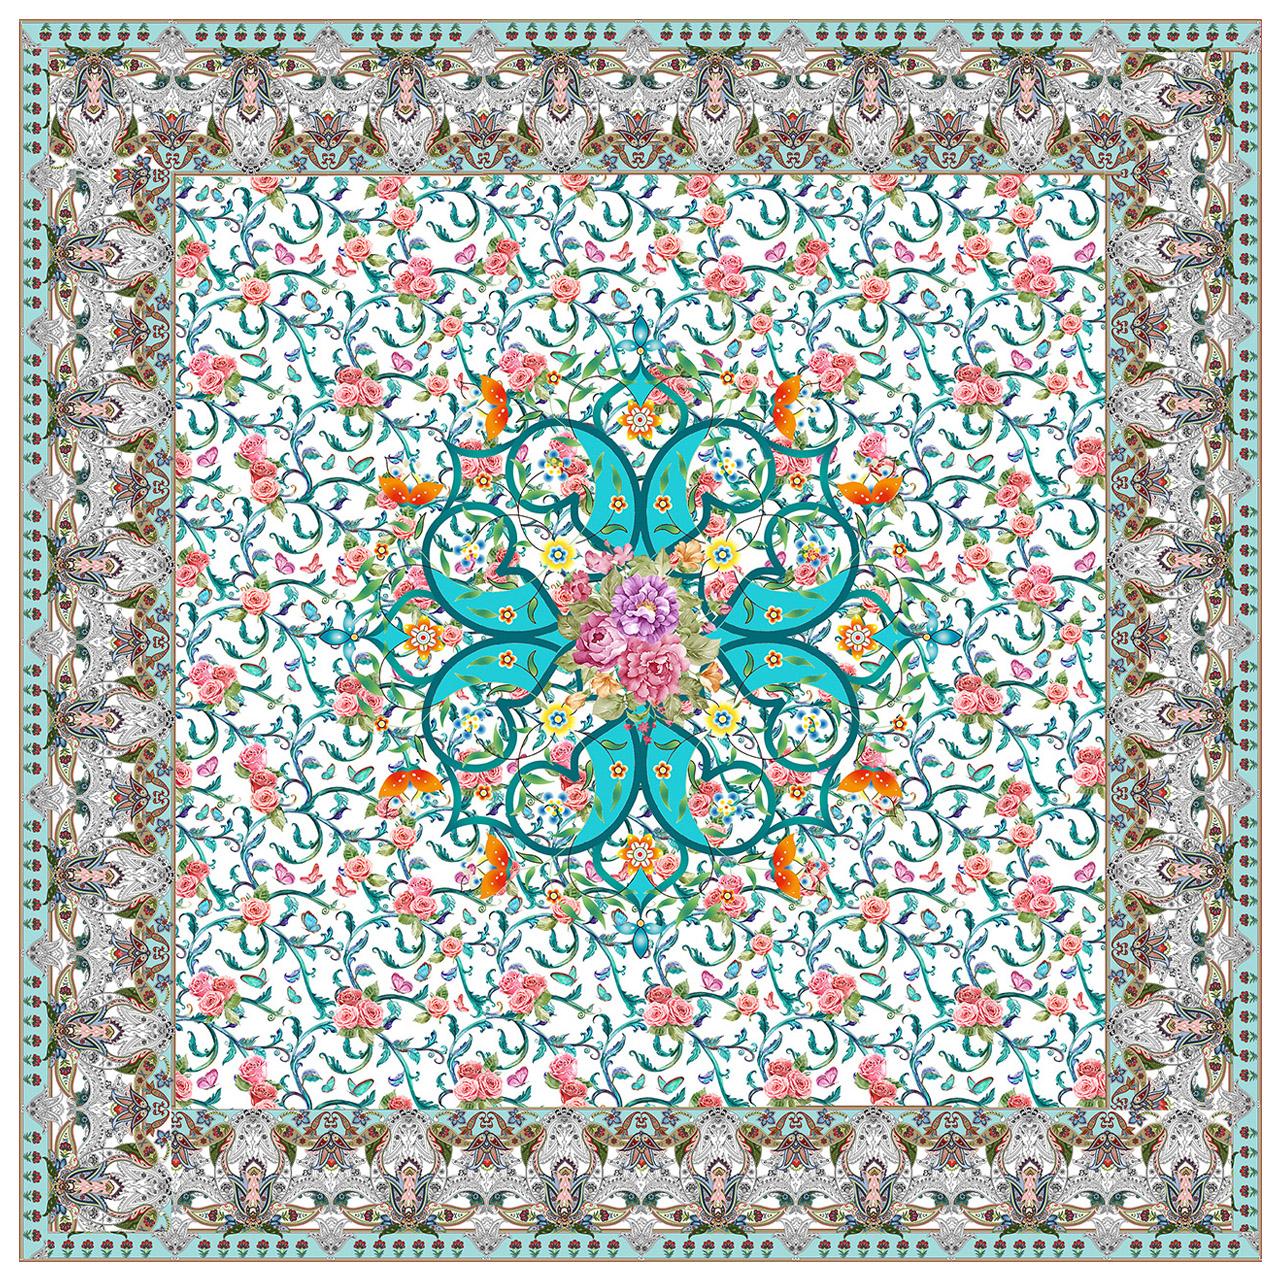 عکس رومیزی طرح گل و پروانه کد 9982